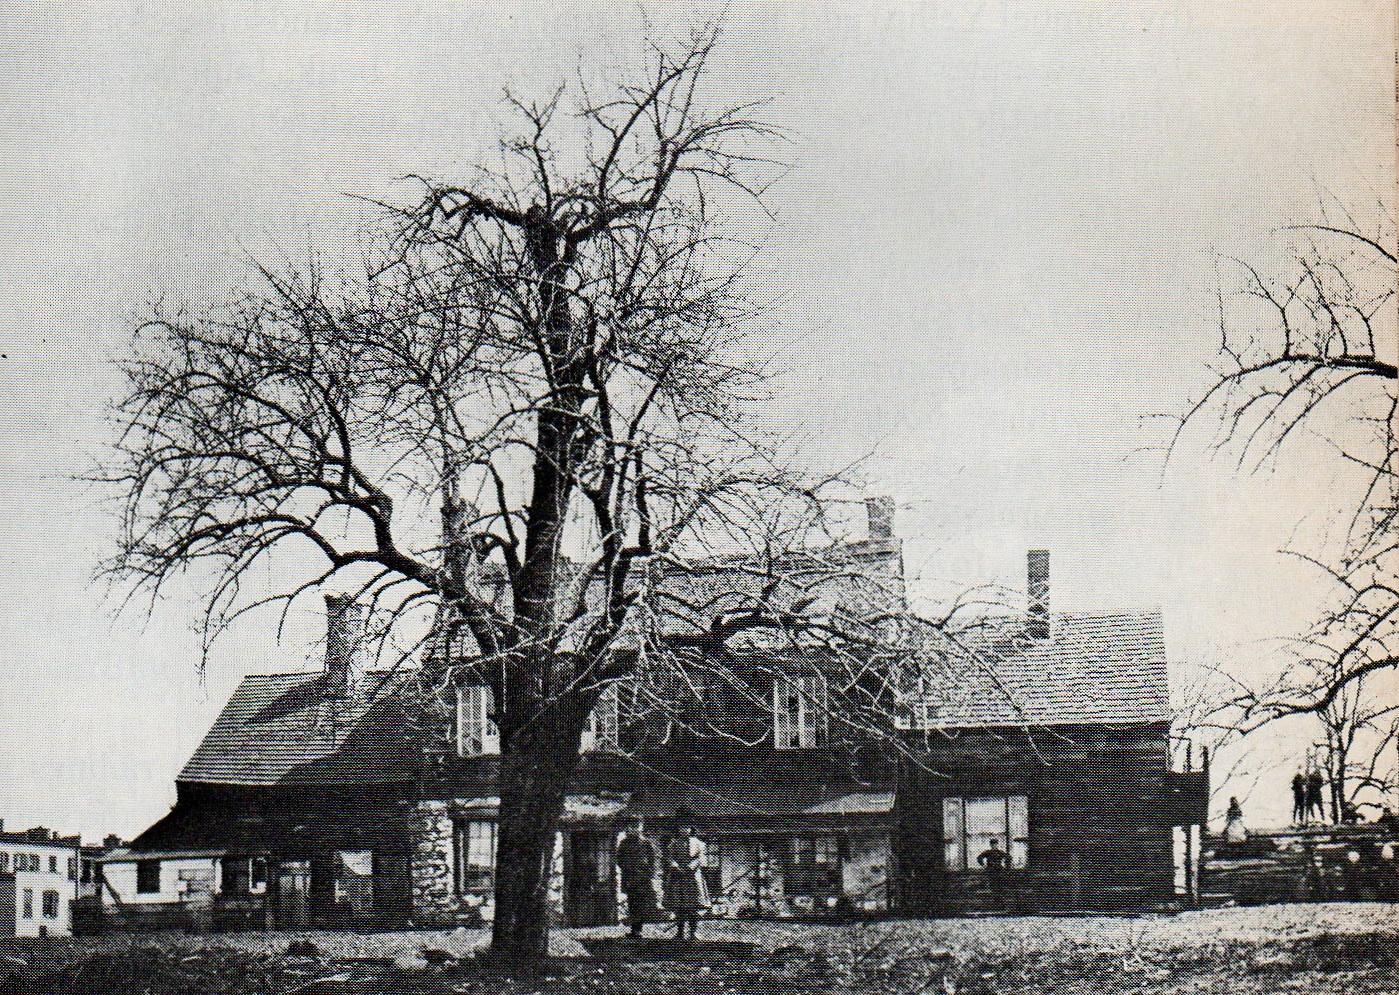 Jacobharsenhouse